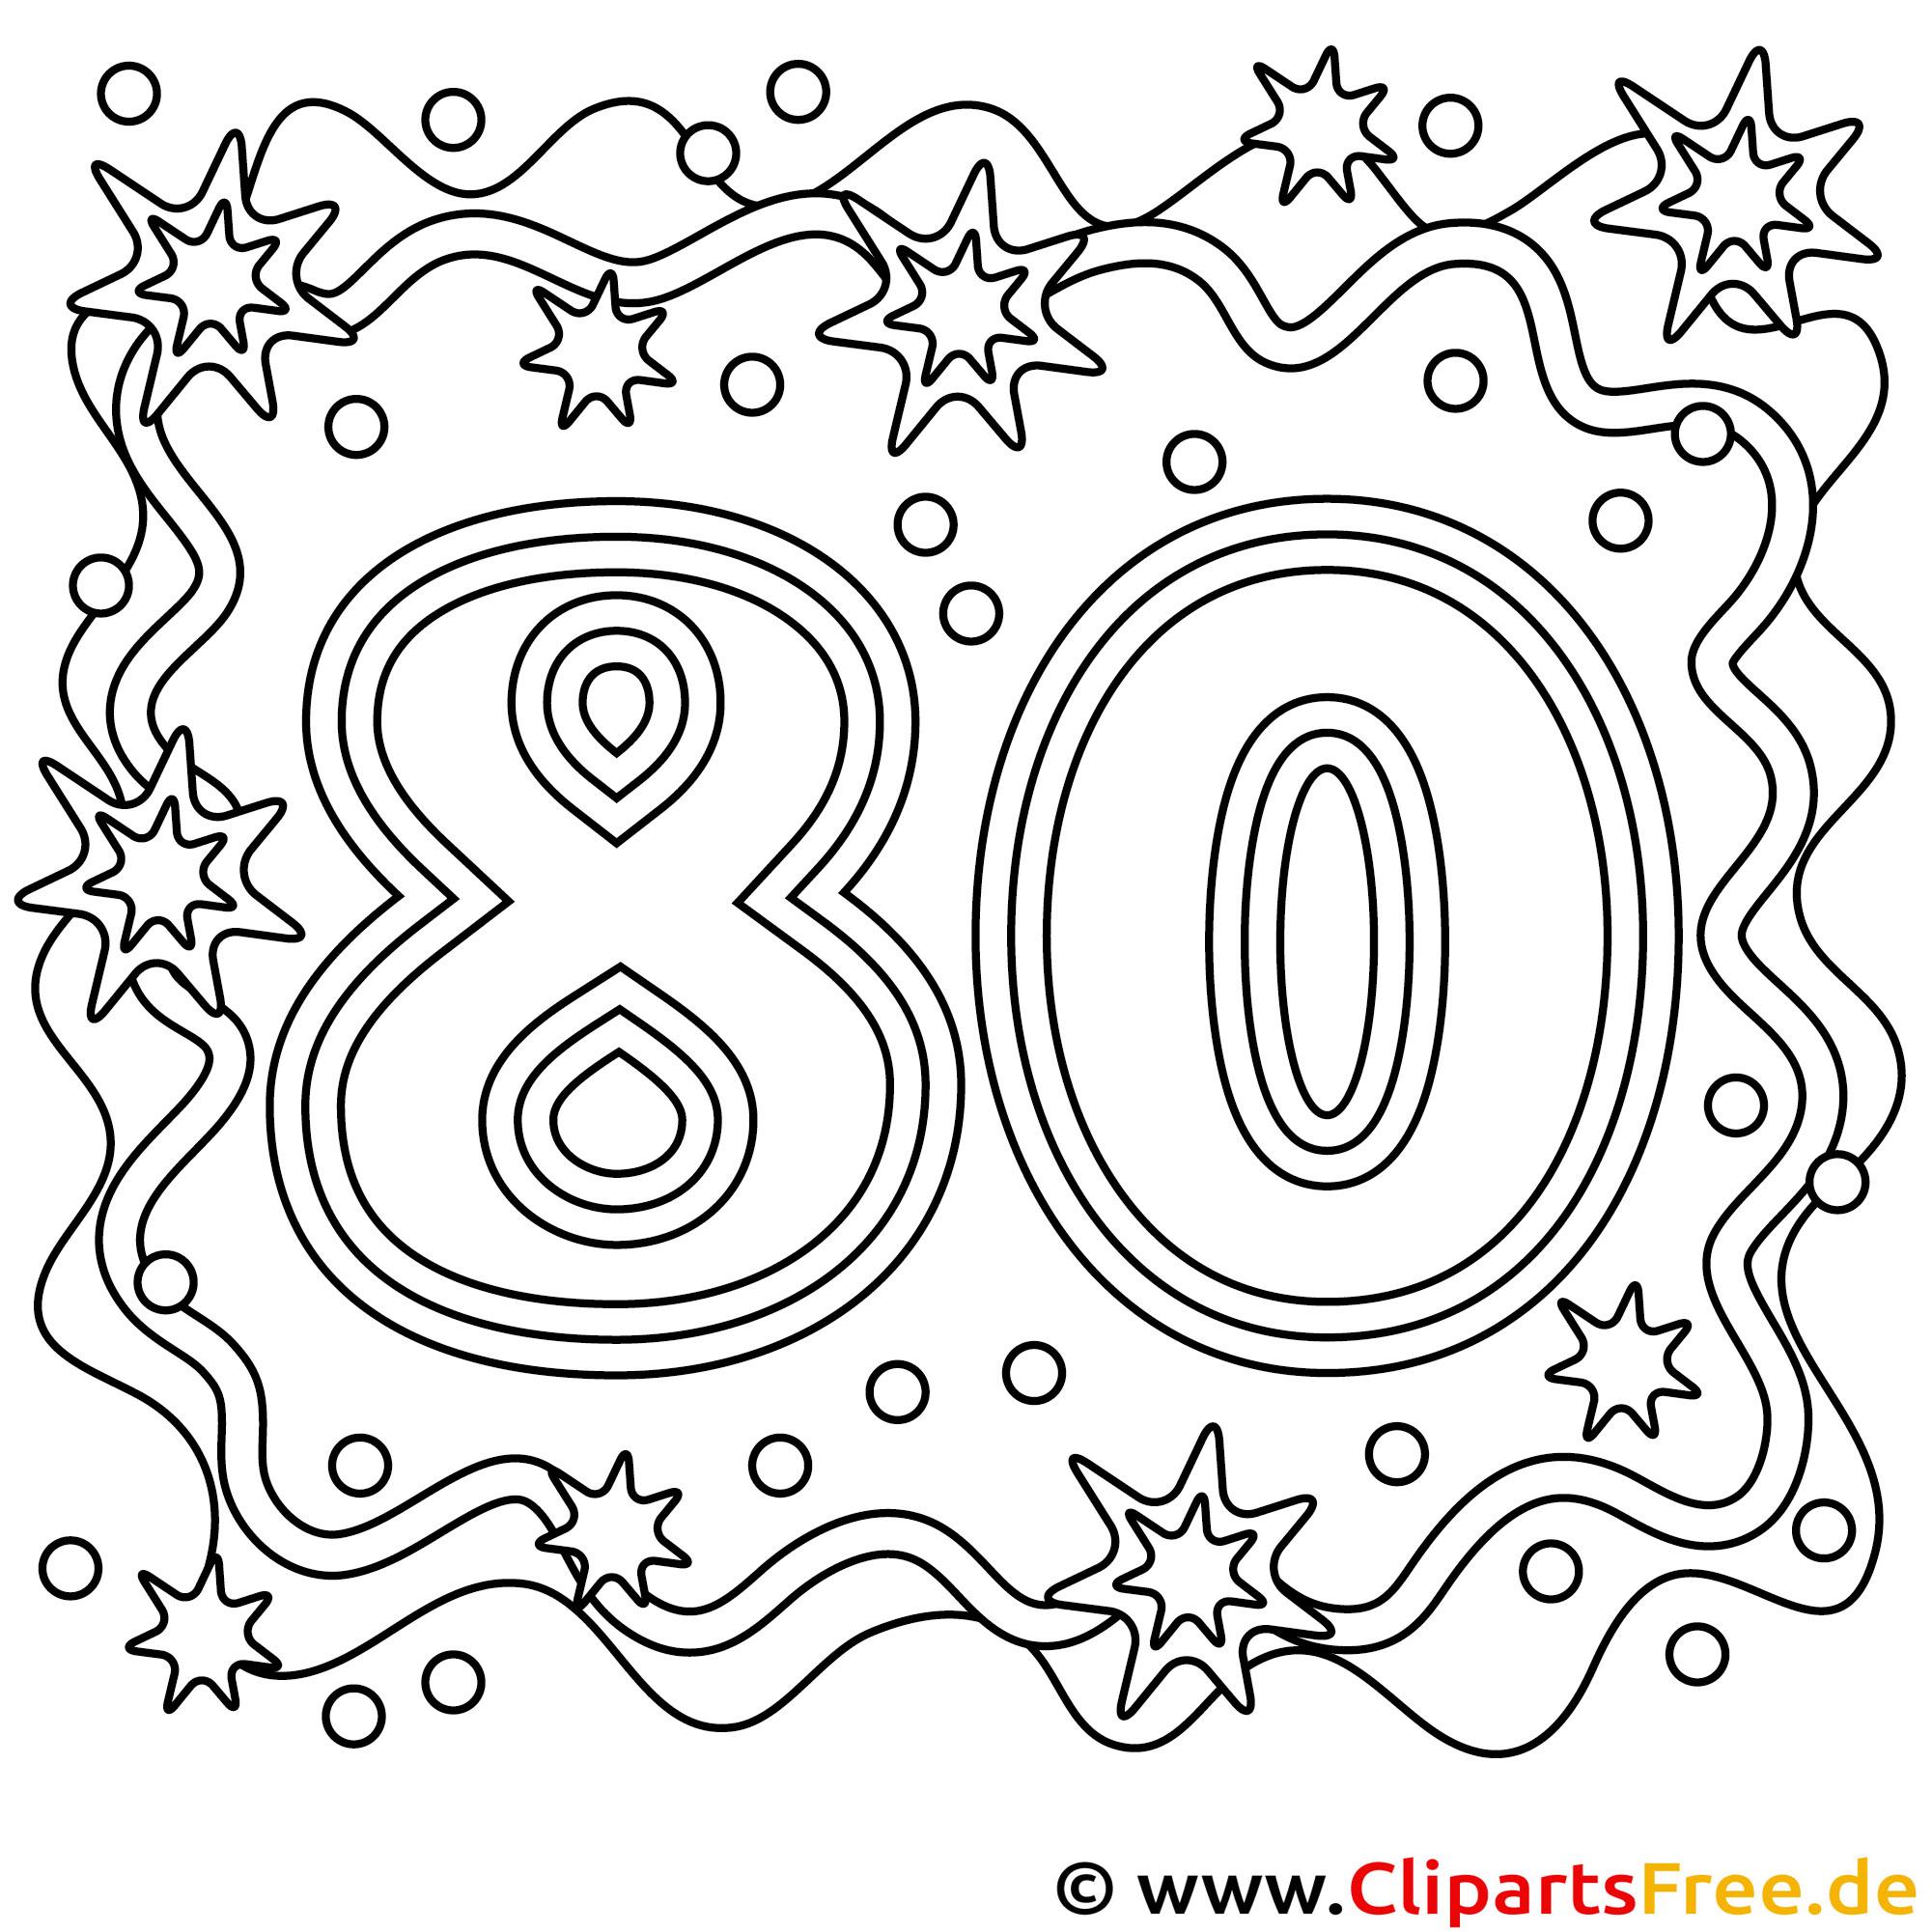 Malvorlage zum 80 Geburtstag